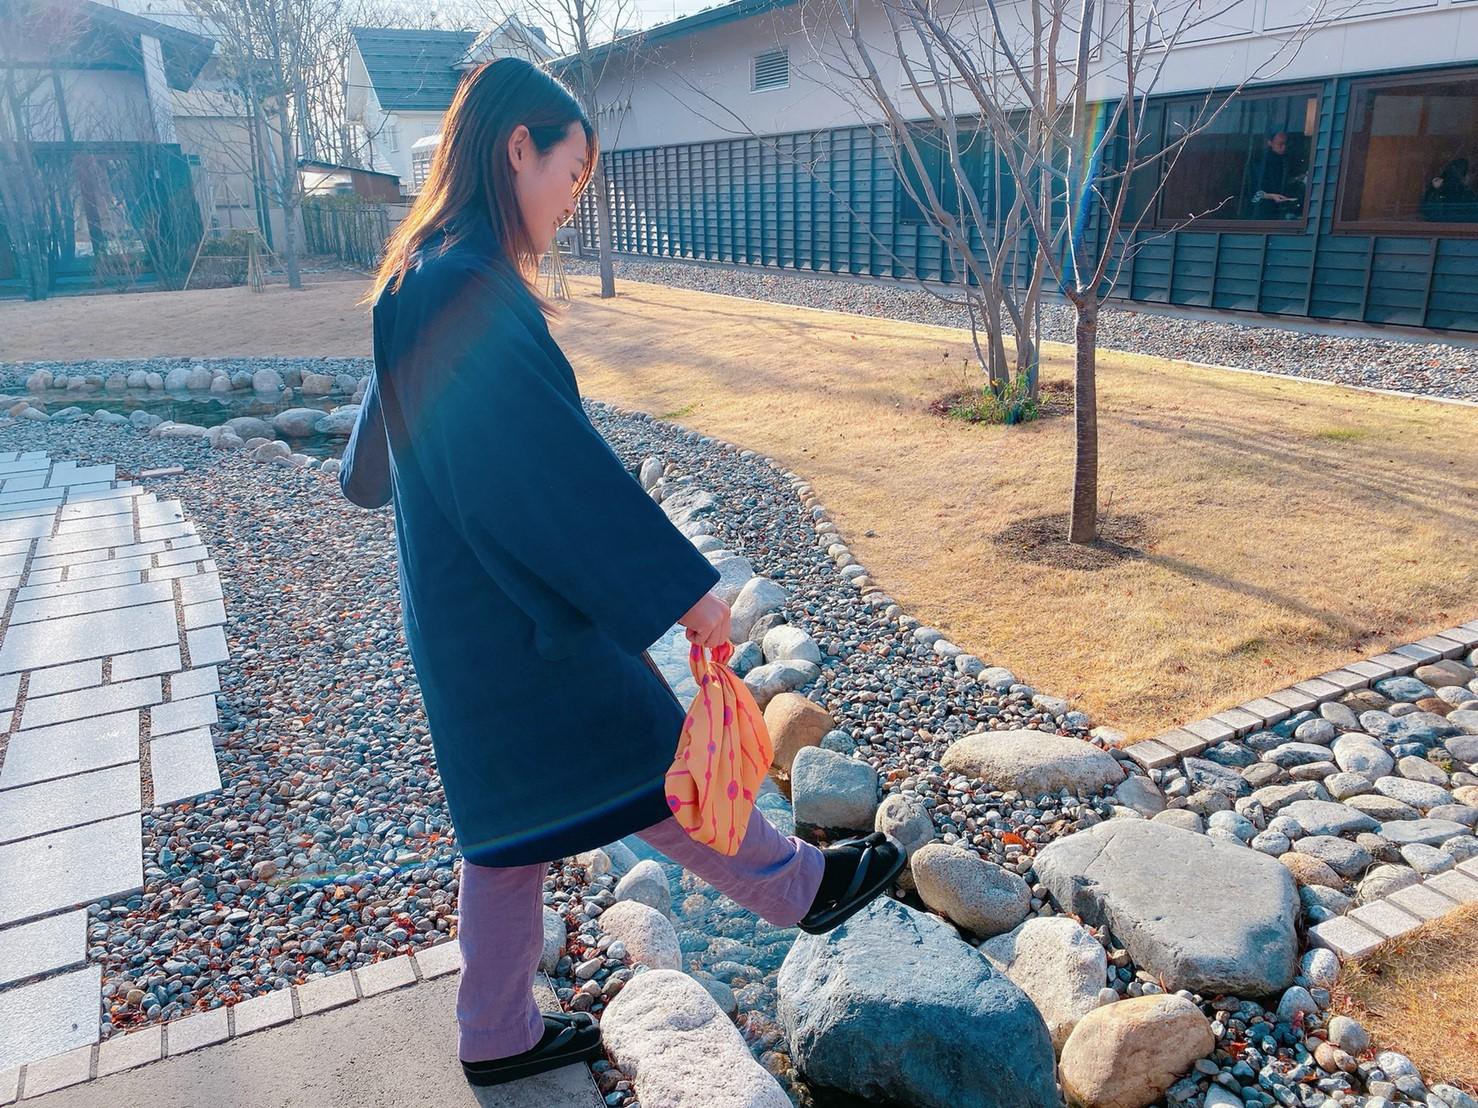 【星野リゾート】界タビ20sで癒しと美食の女子旅! 長野県の「界 アルプス」に泊まってみた_1